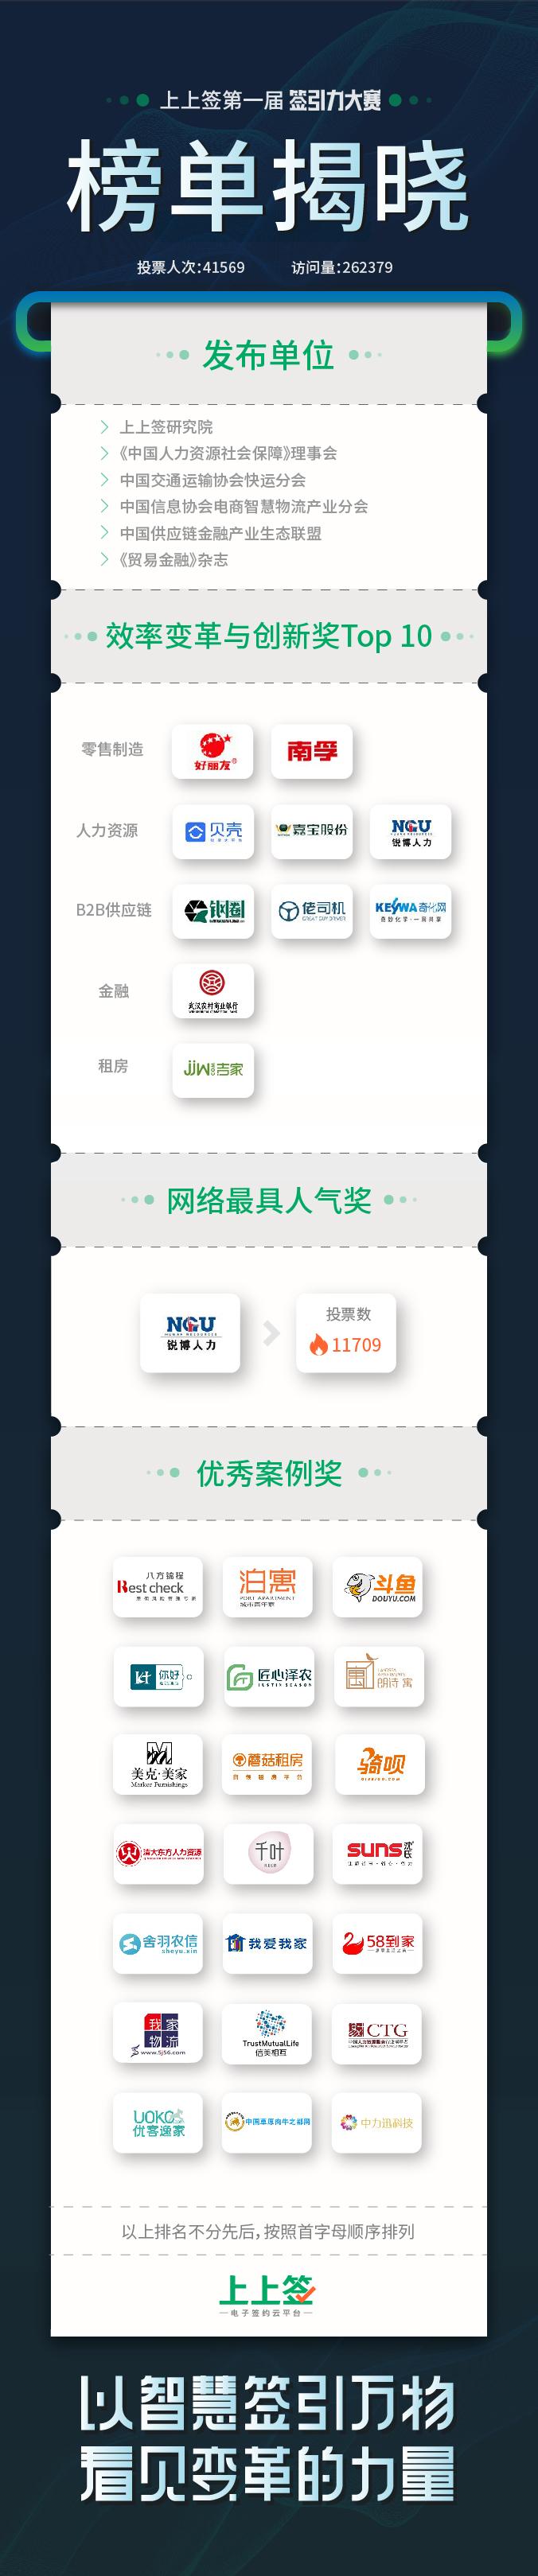 电子签名助推中国企业智慧升级,上上签首届「签引力大赛」获奖名单揭晓